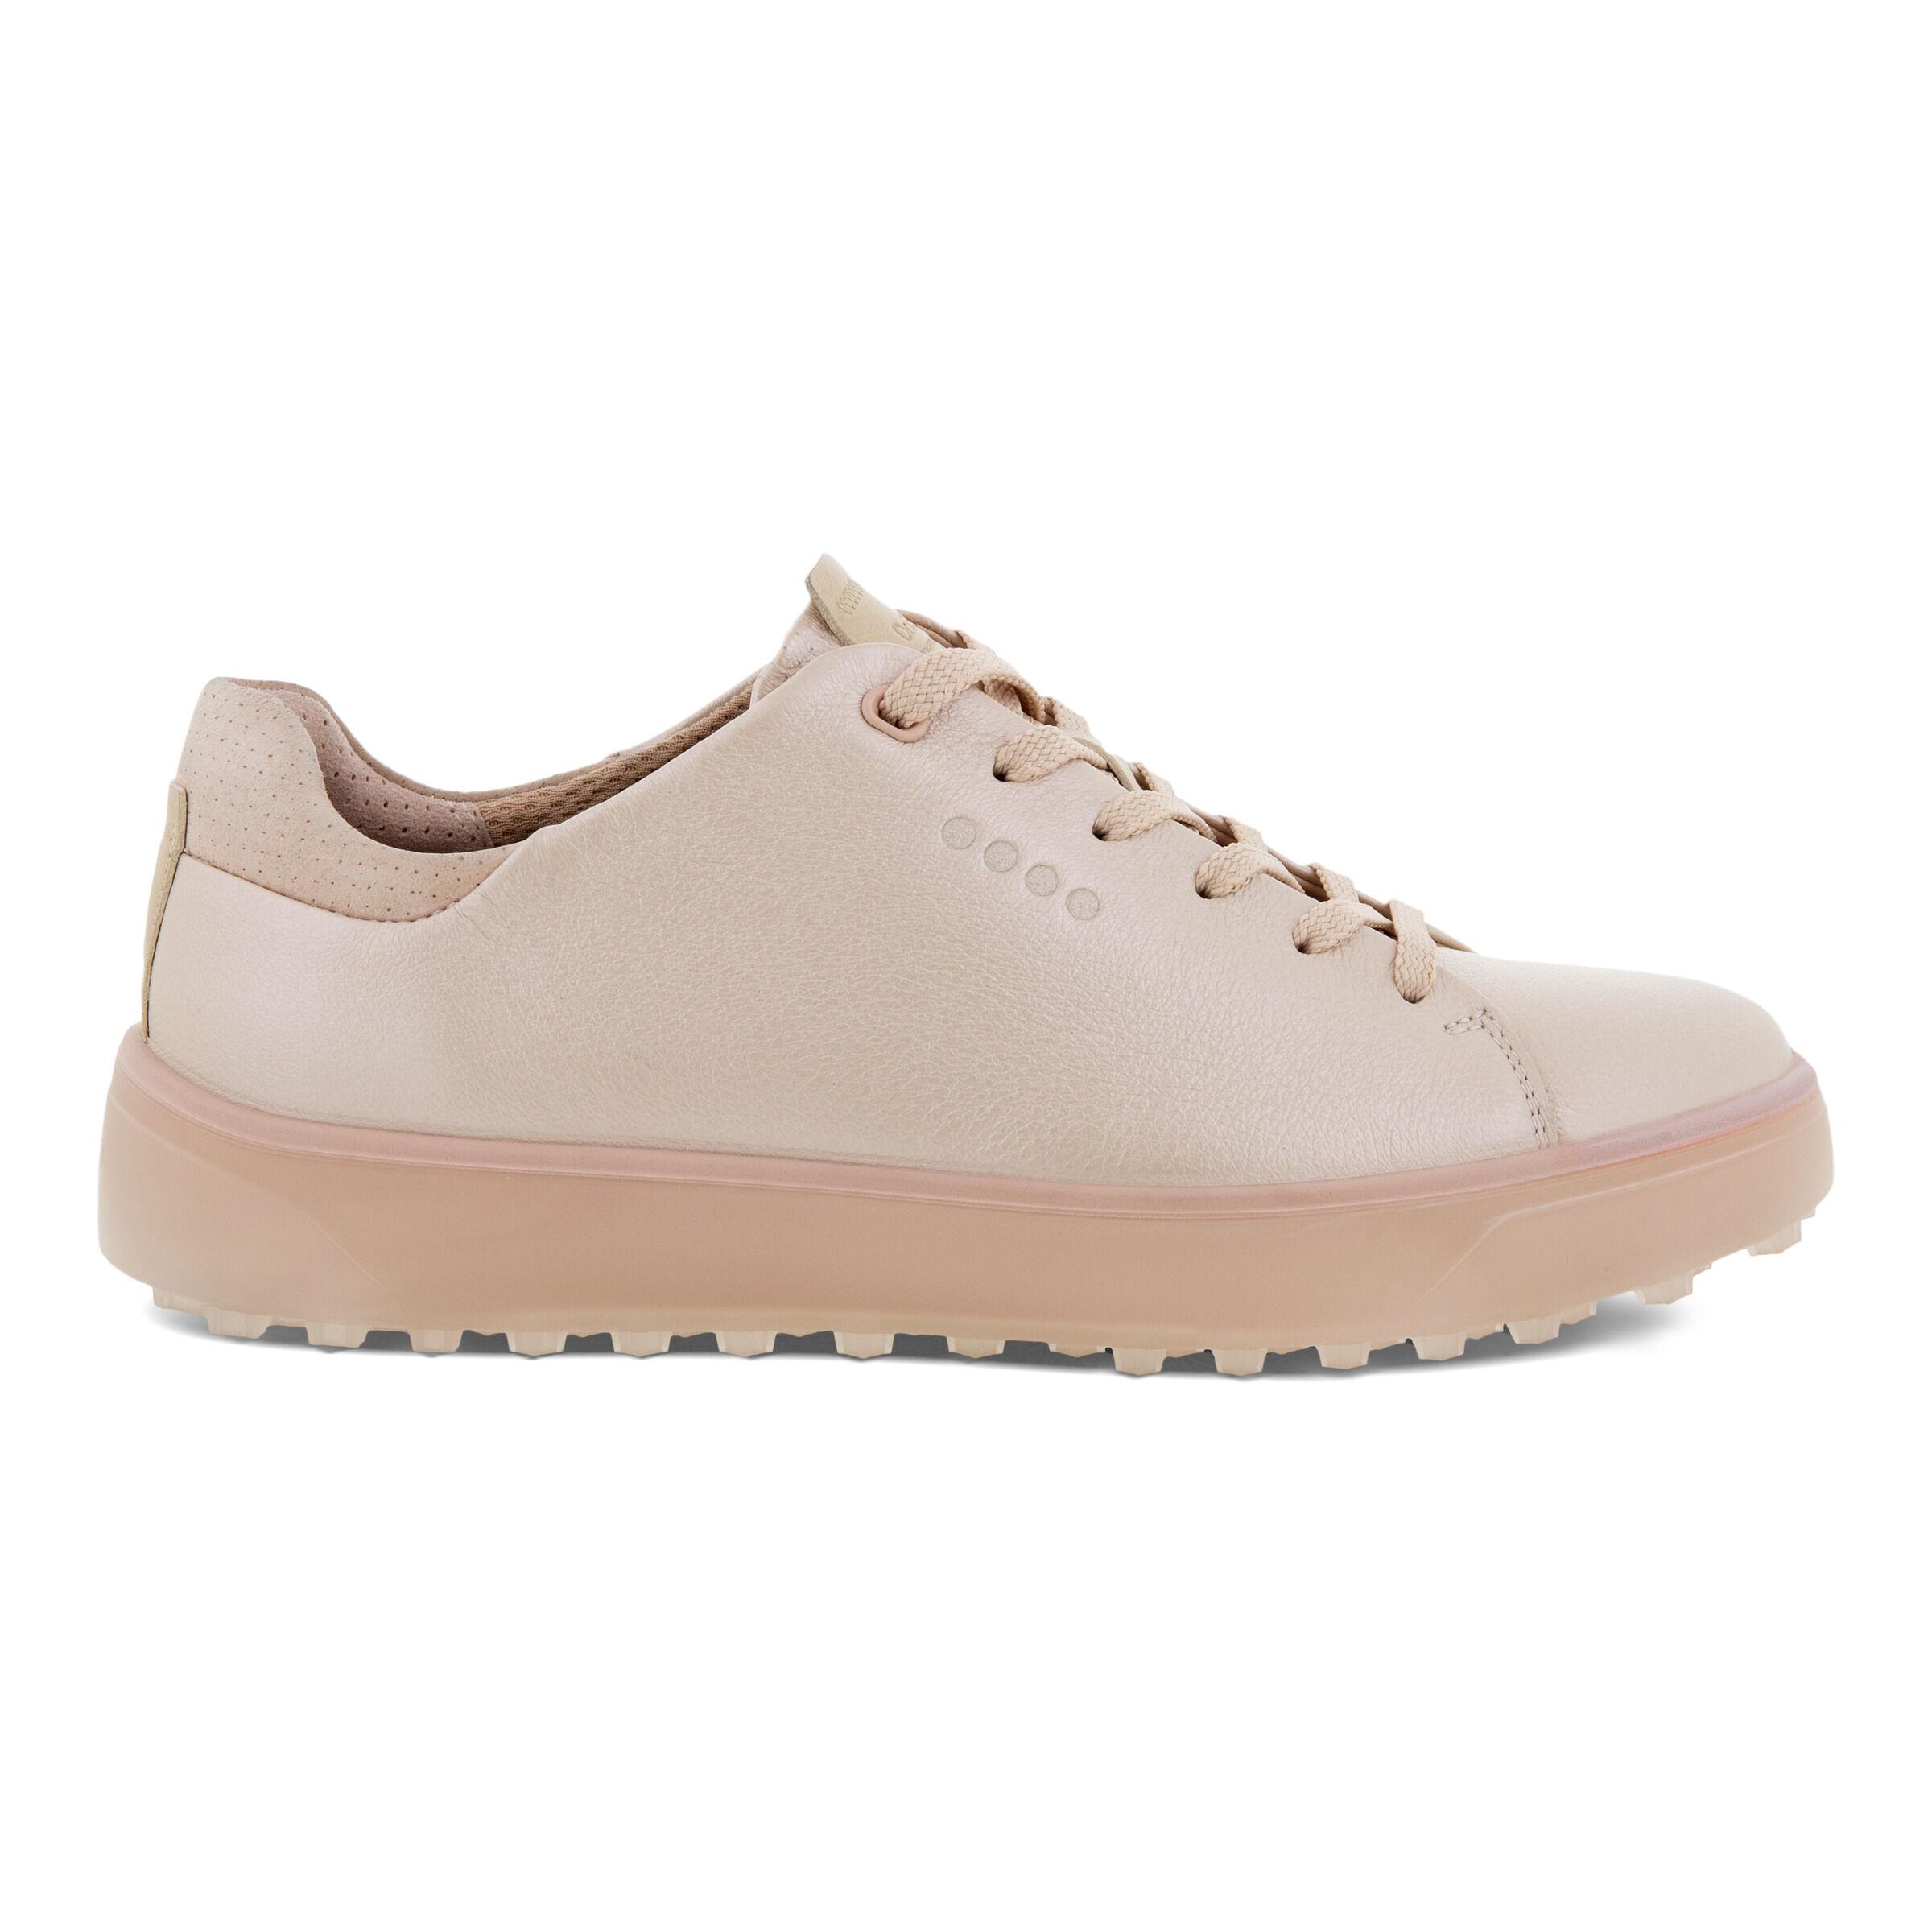 에코 우먼 골프화 ECCO Womens GOLF TRAY Laced Shoes,ROSE PEARL